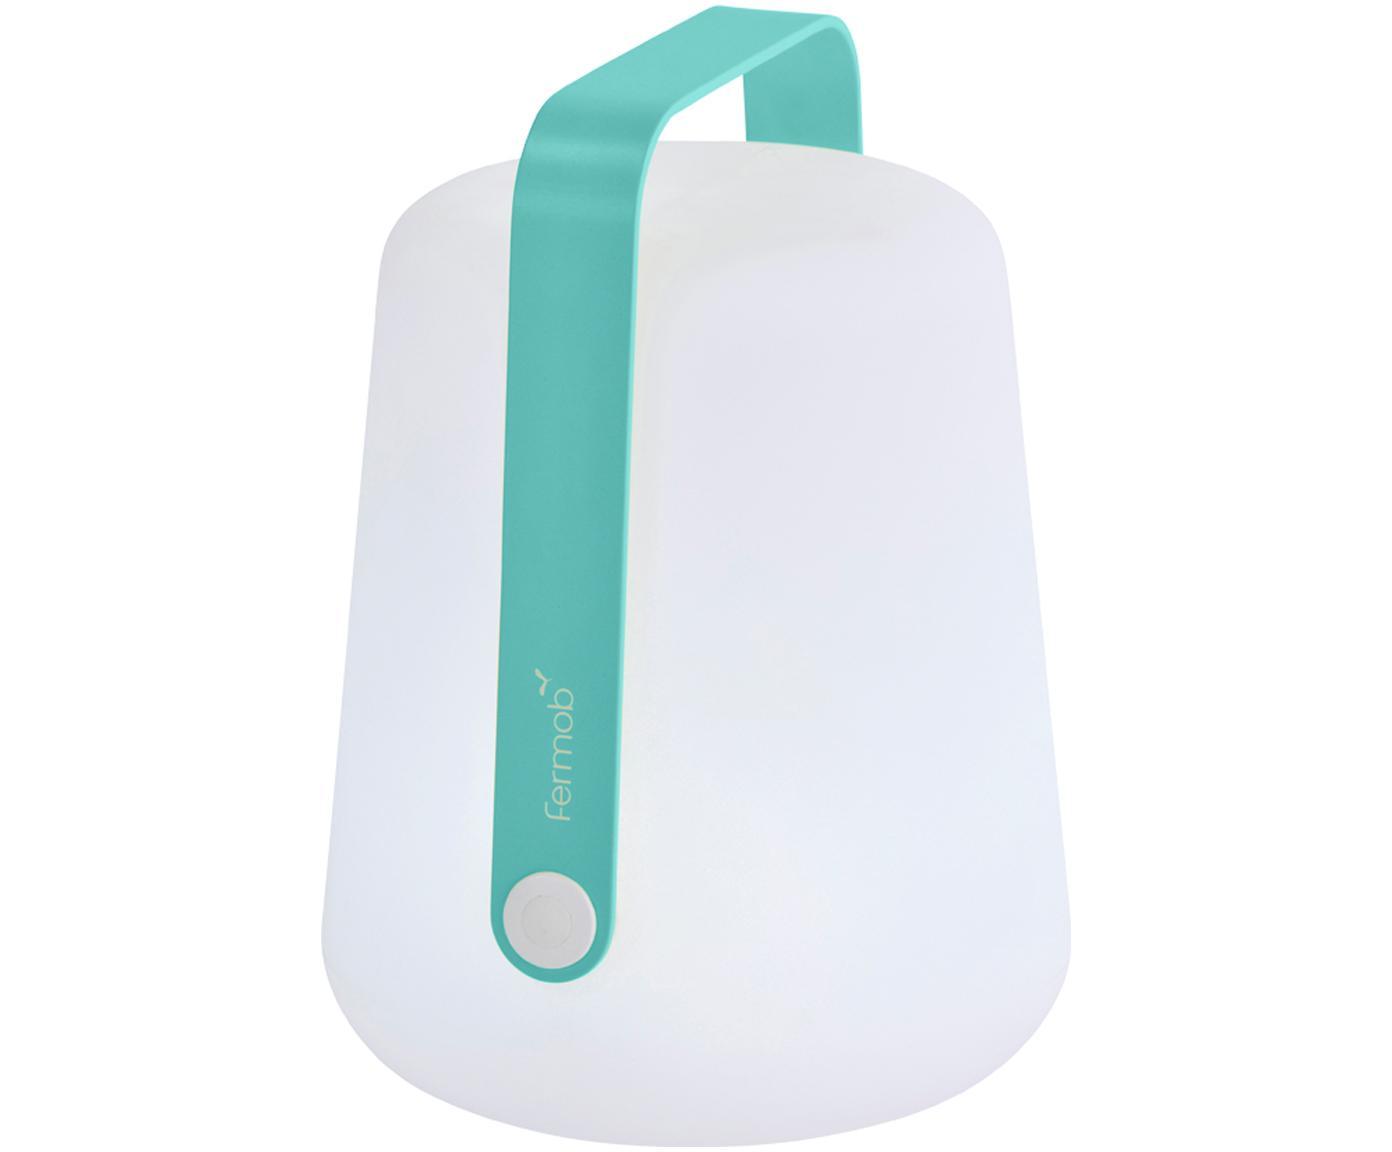 Mobile LED Außenleuchte Balad, Lampenschirm: Polyethen, für den Außenb, Griff: Aluminium, lackiert, Lagunenblau, Ø 19 x H 25 cm